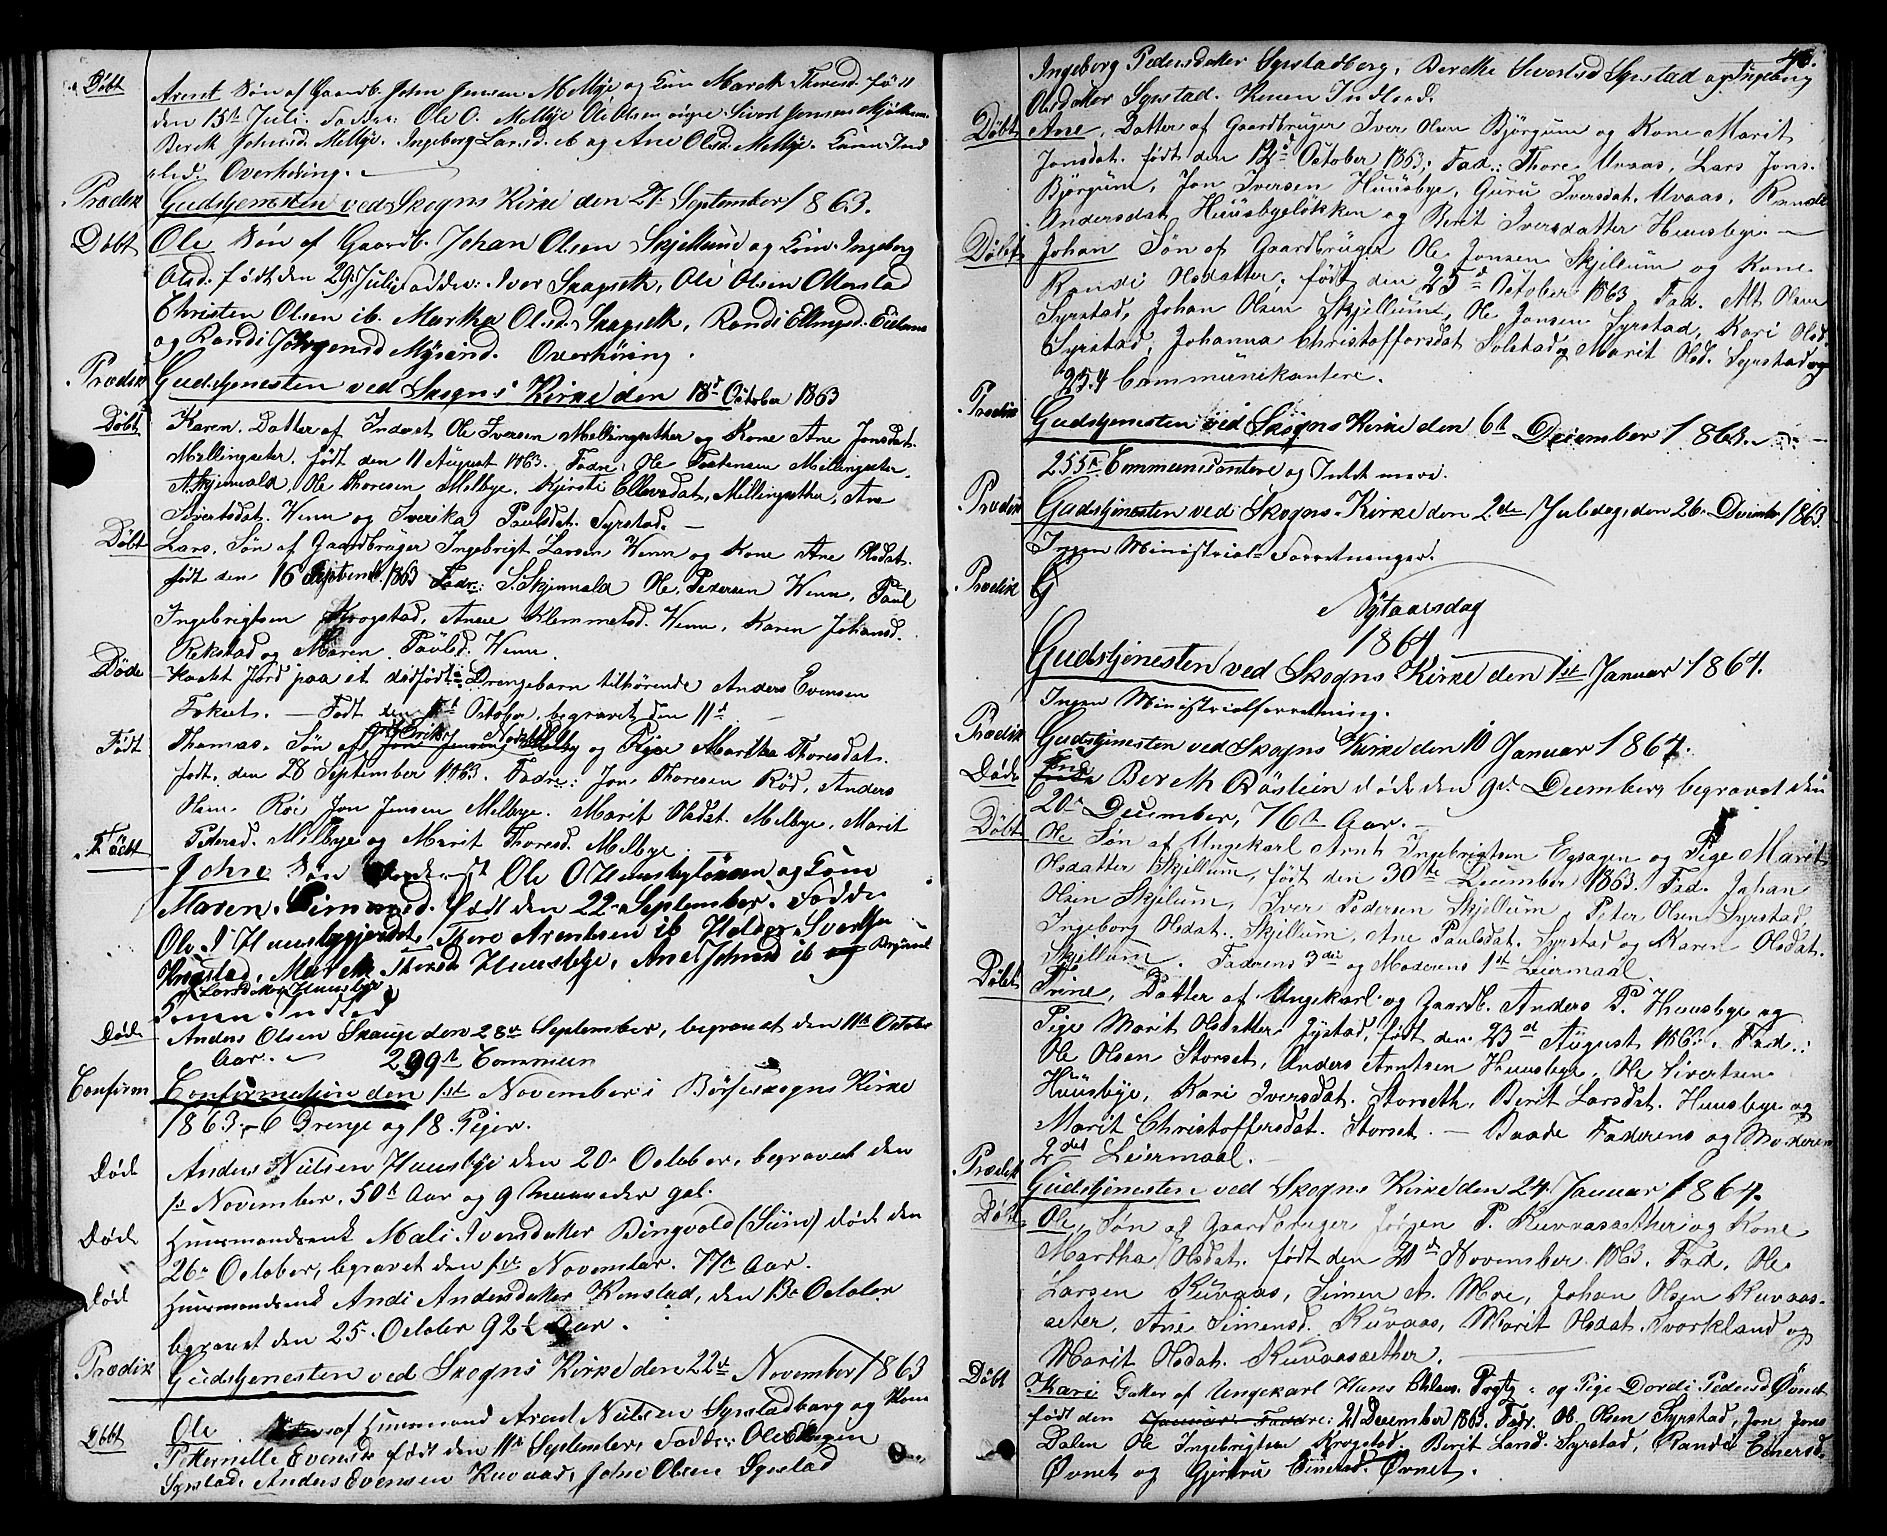 SAT, Ministerialprotokoller, klokkerbøker og fødselsregistre - Sør-Trøndelag, 667/L0797: Klokkerbok nr. 667C02, 1849-1867, s. 46